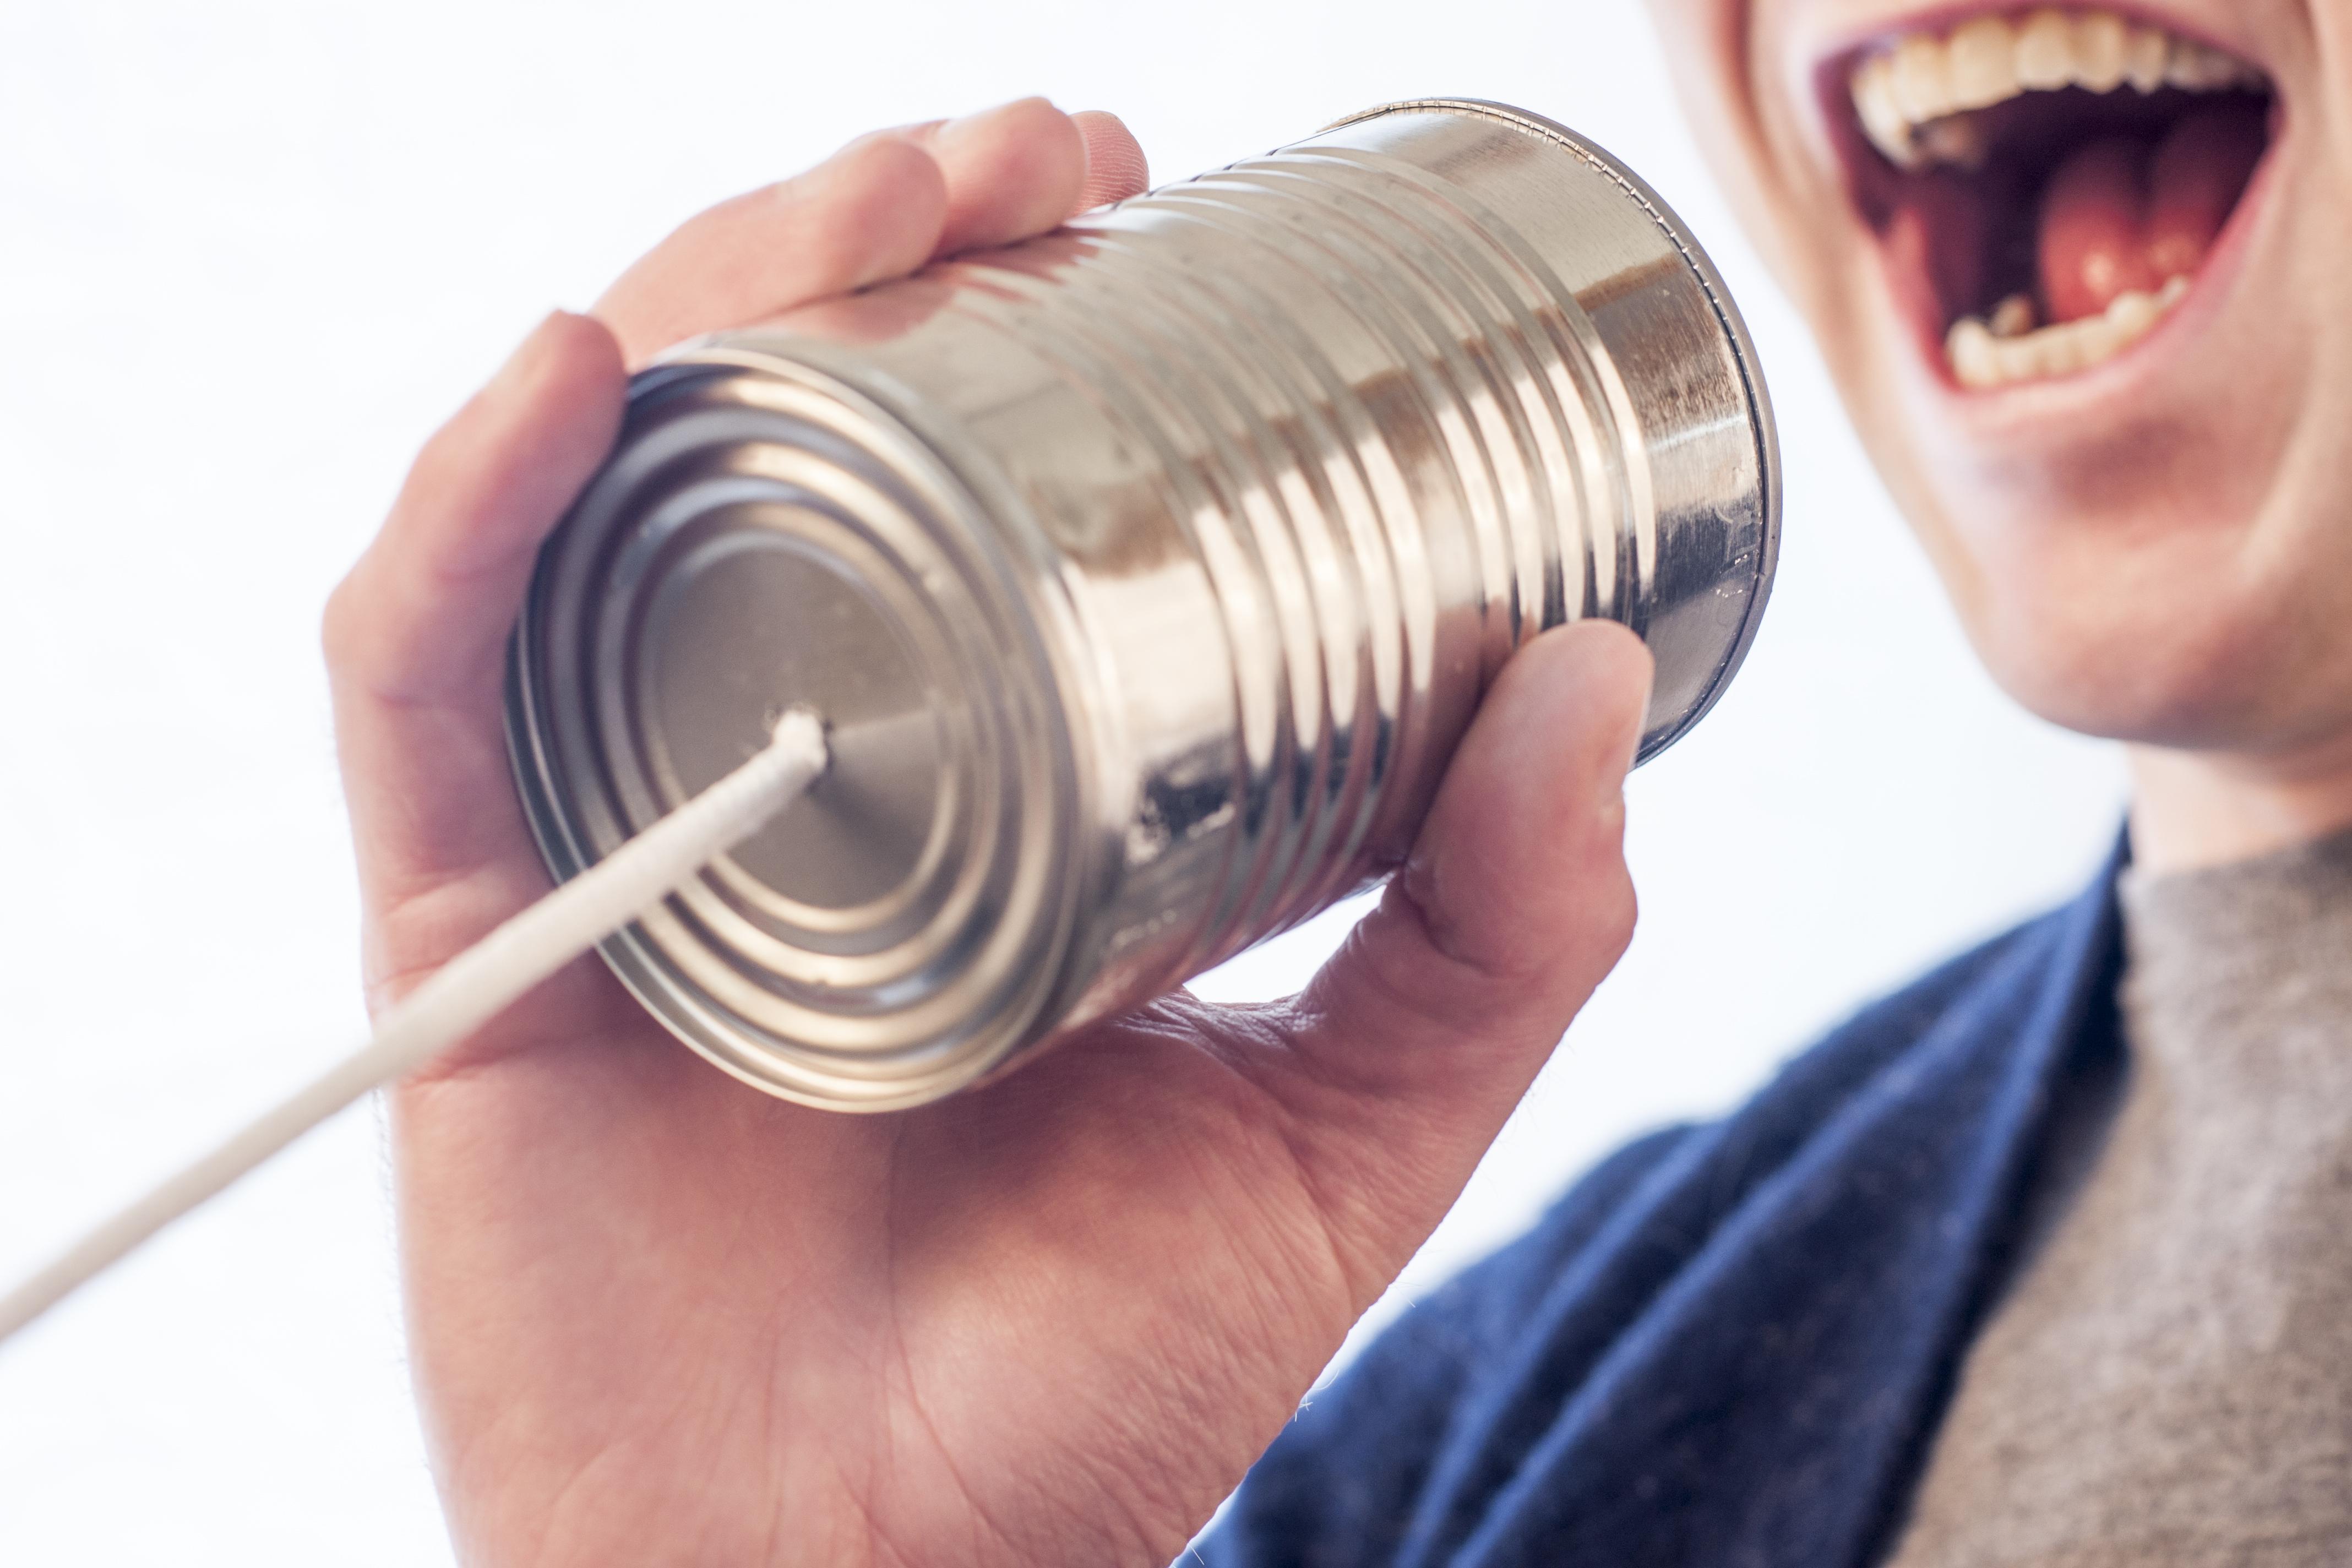 Tin can talk